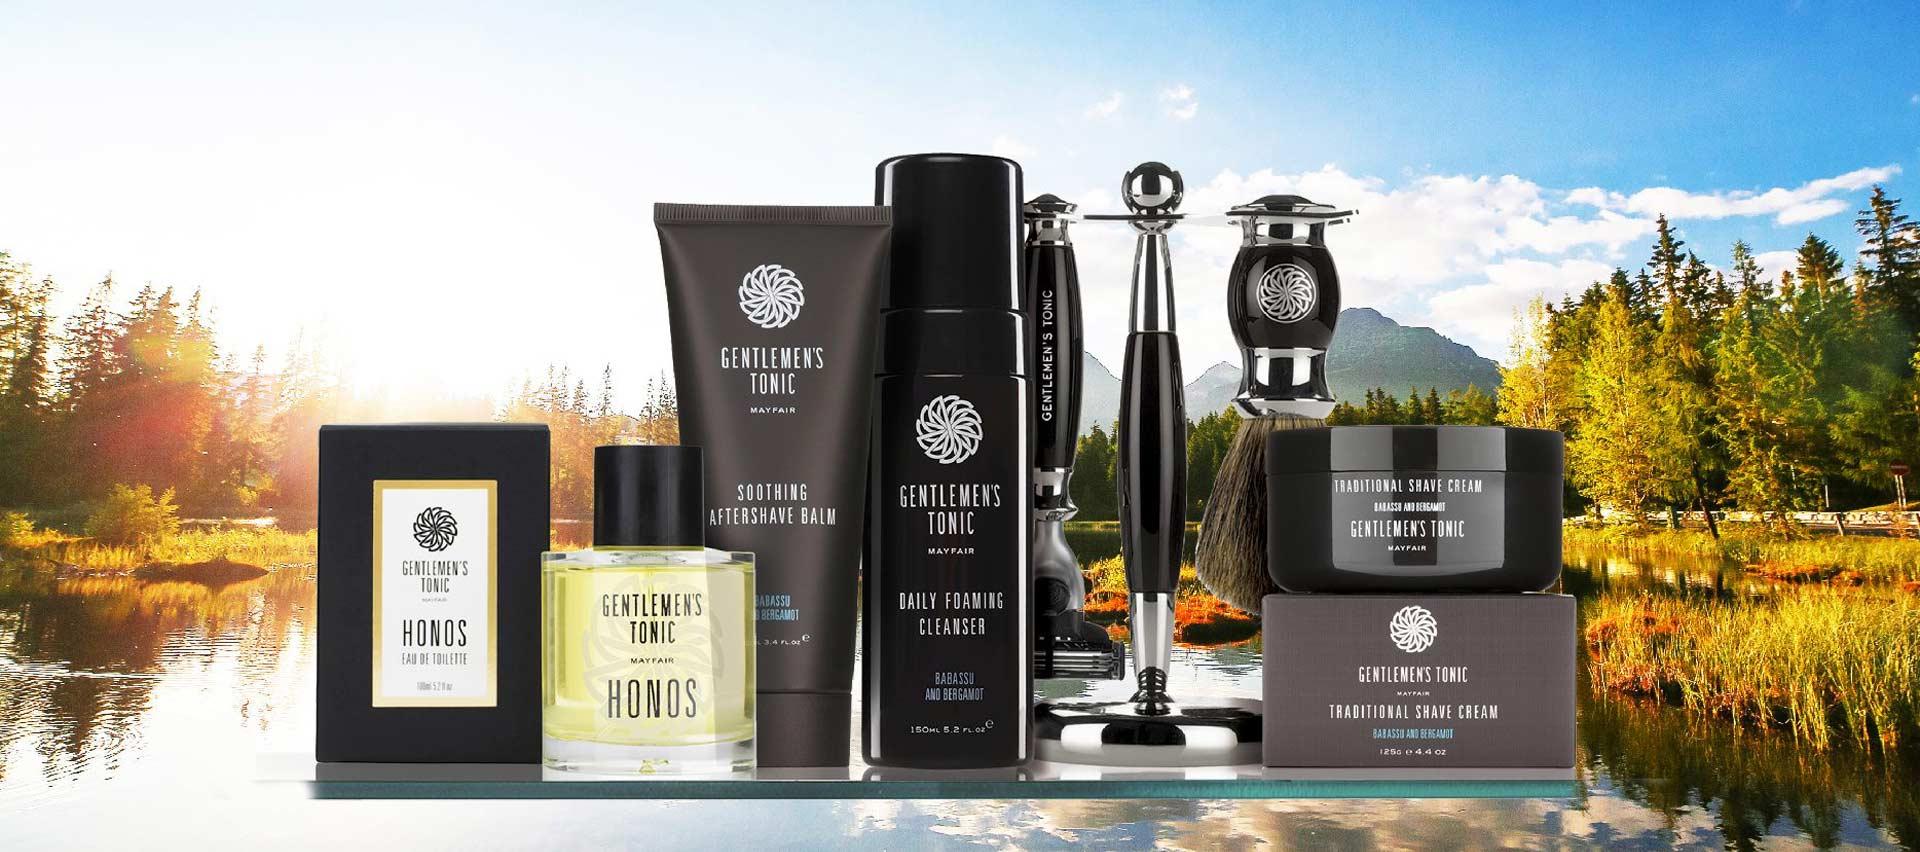 Gentlemen's Tonic grooming products